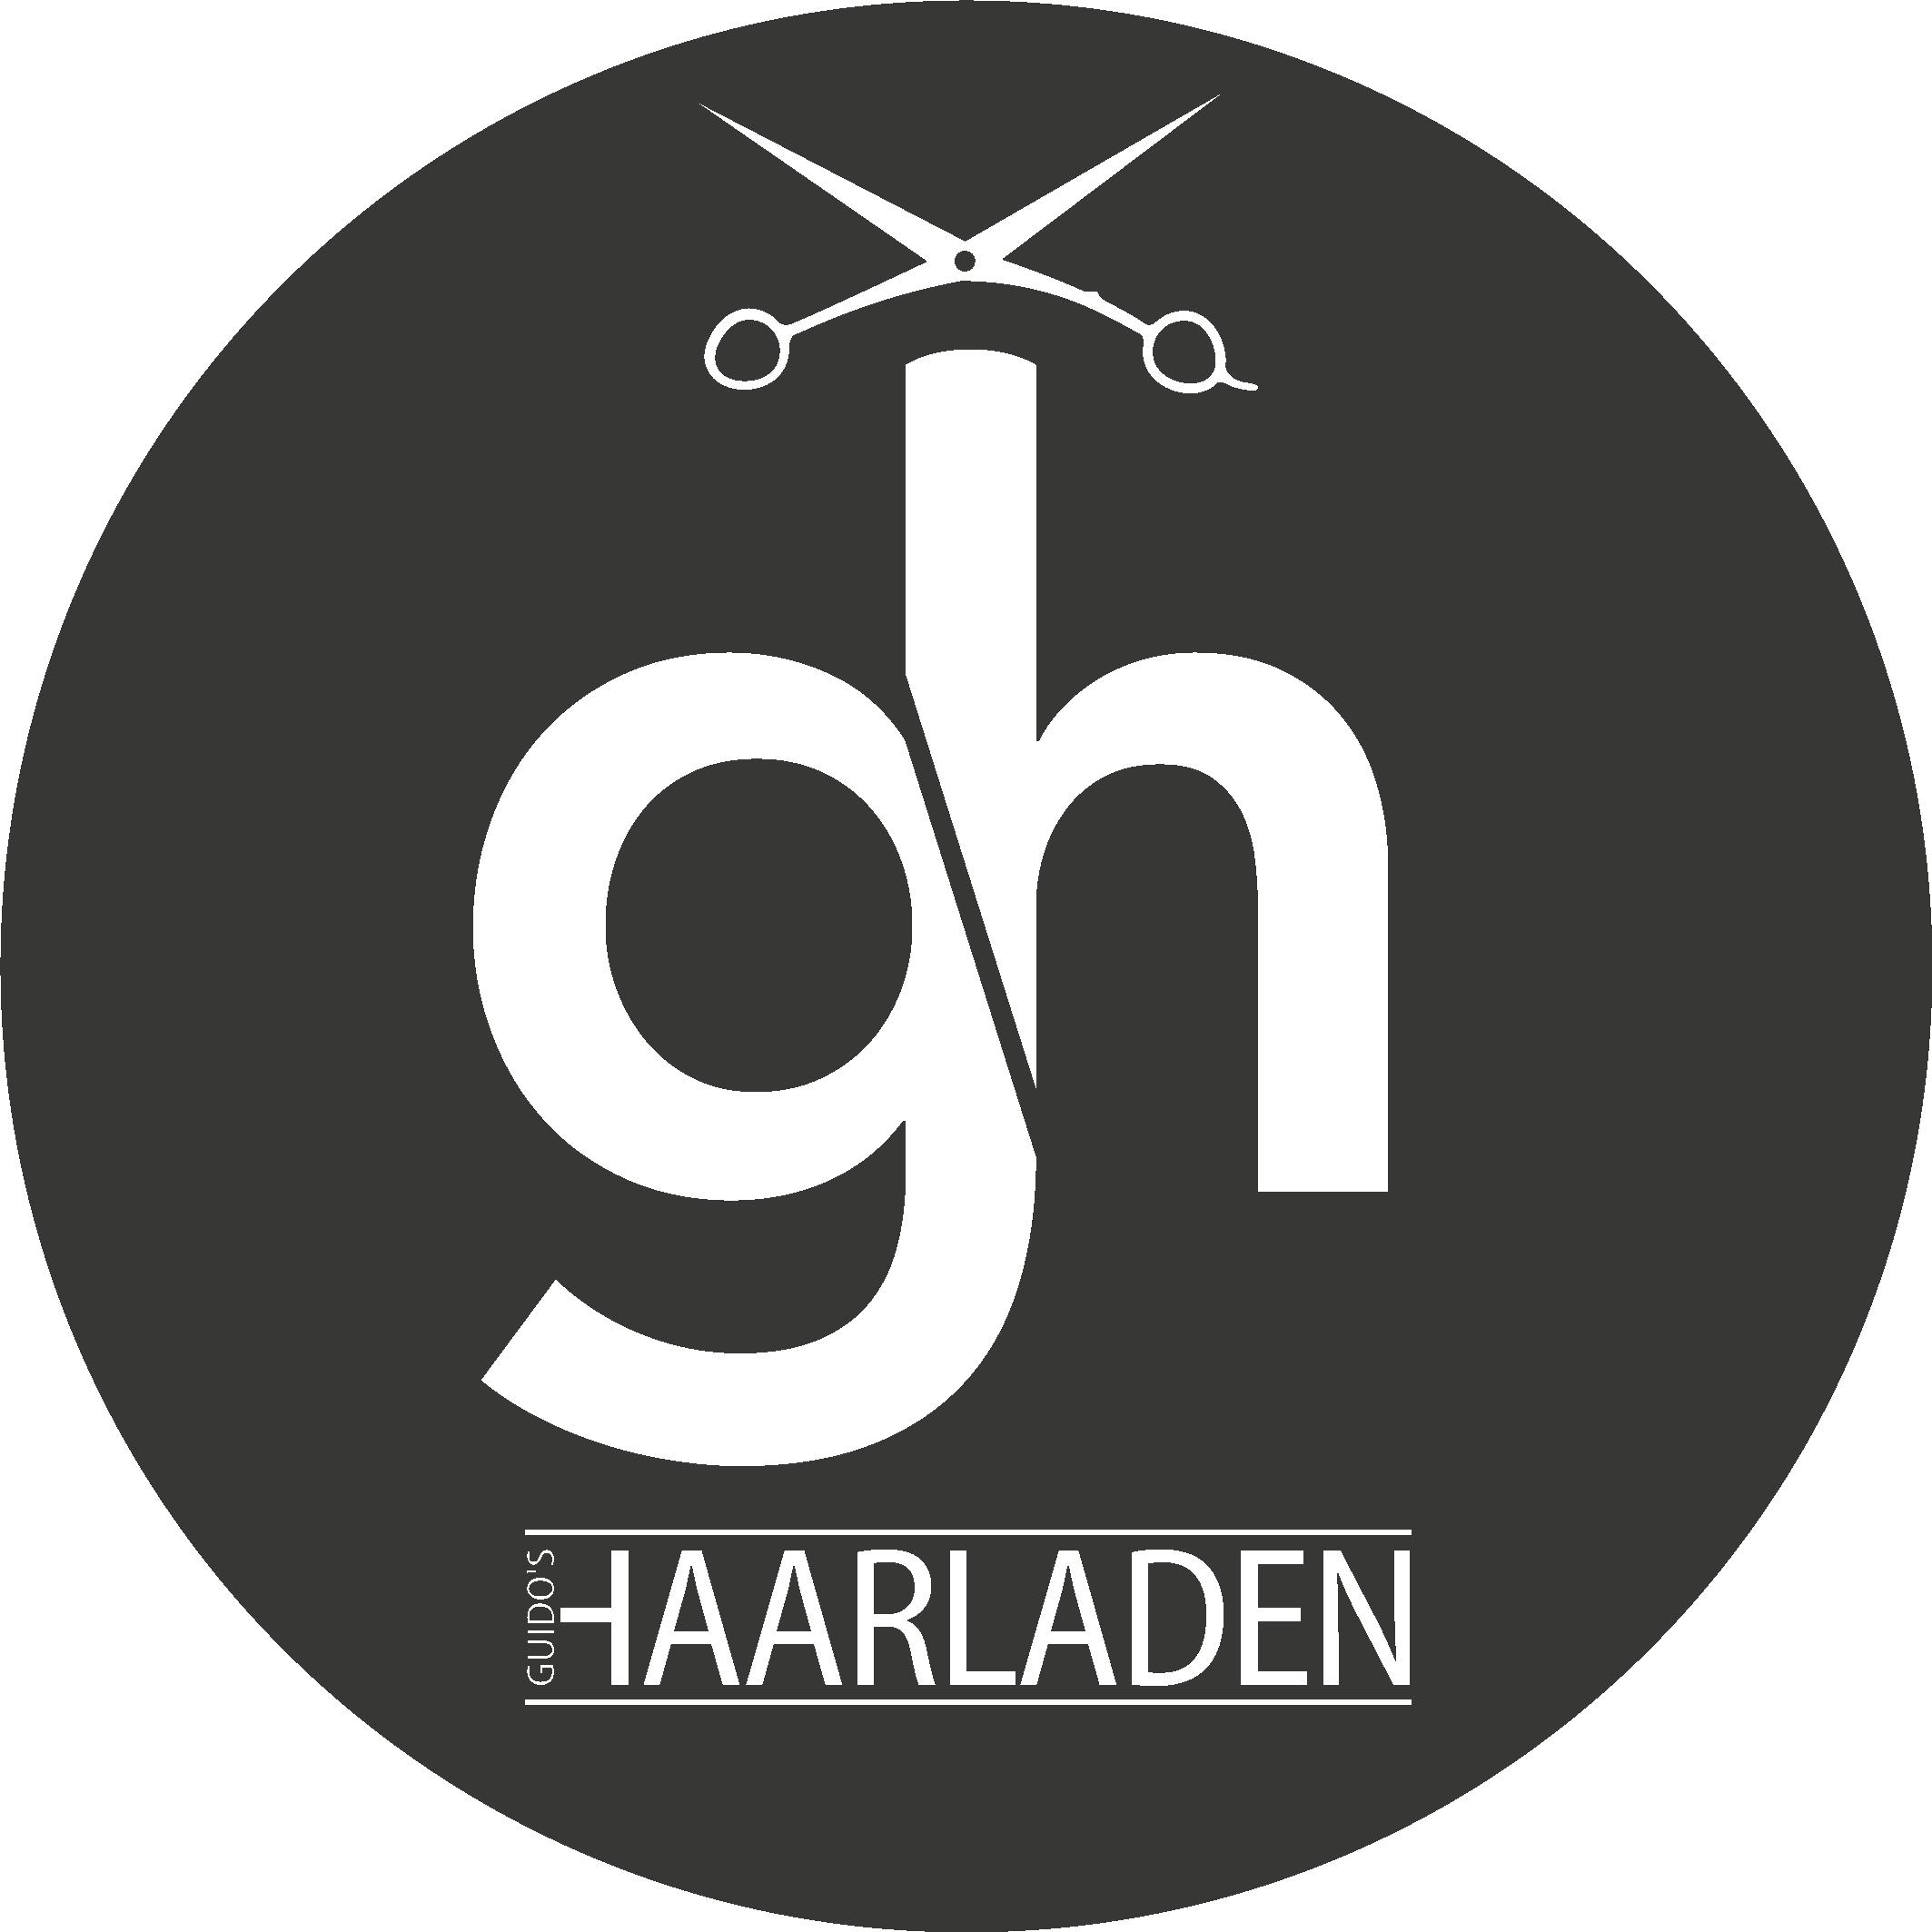 GH_170901_GuidosHaarladen-Icon_1C_RZ